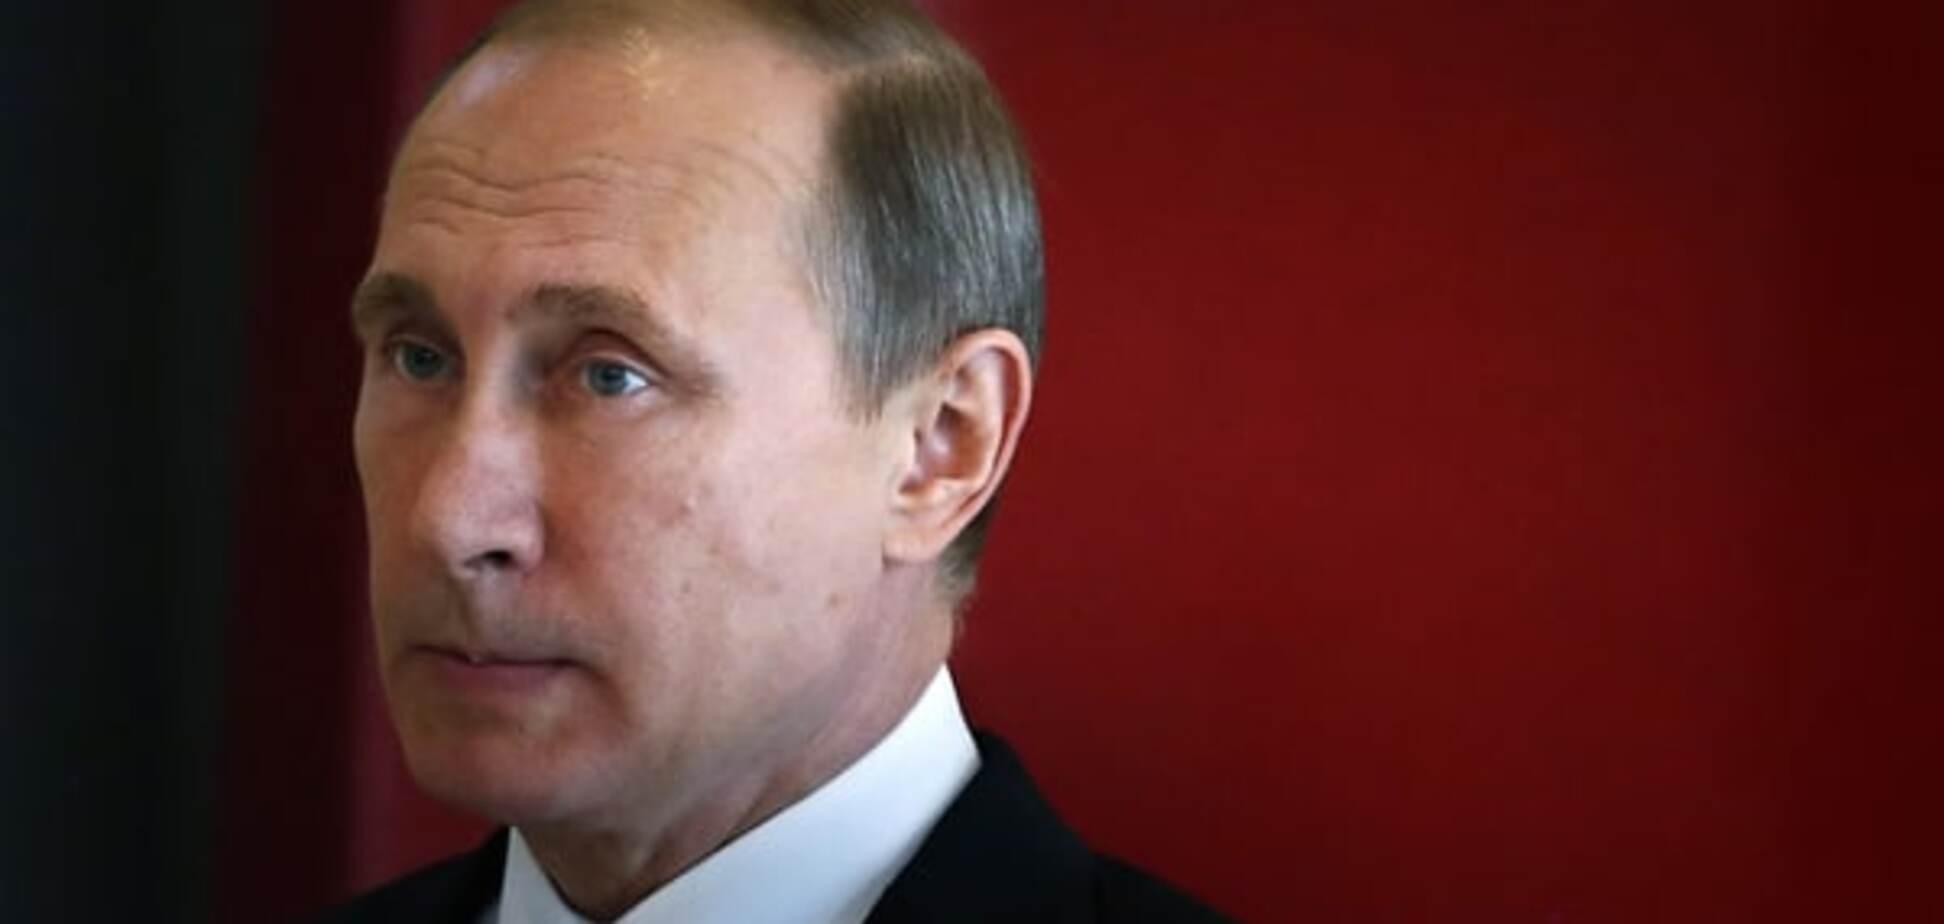 Веллер подсказал россиянам, как приблизить конец режима Путина